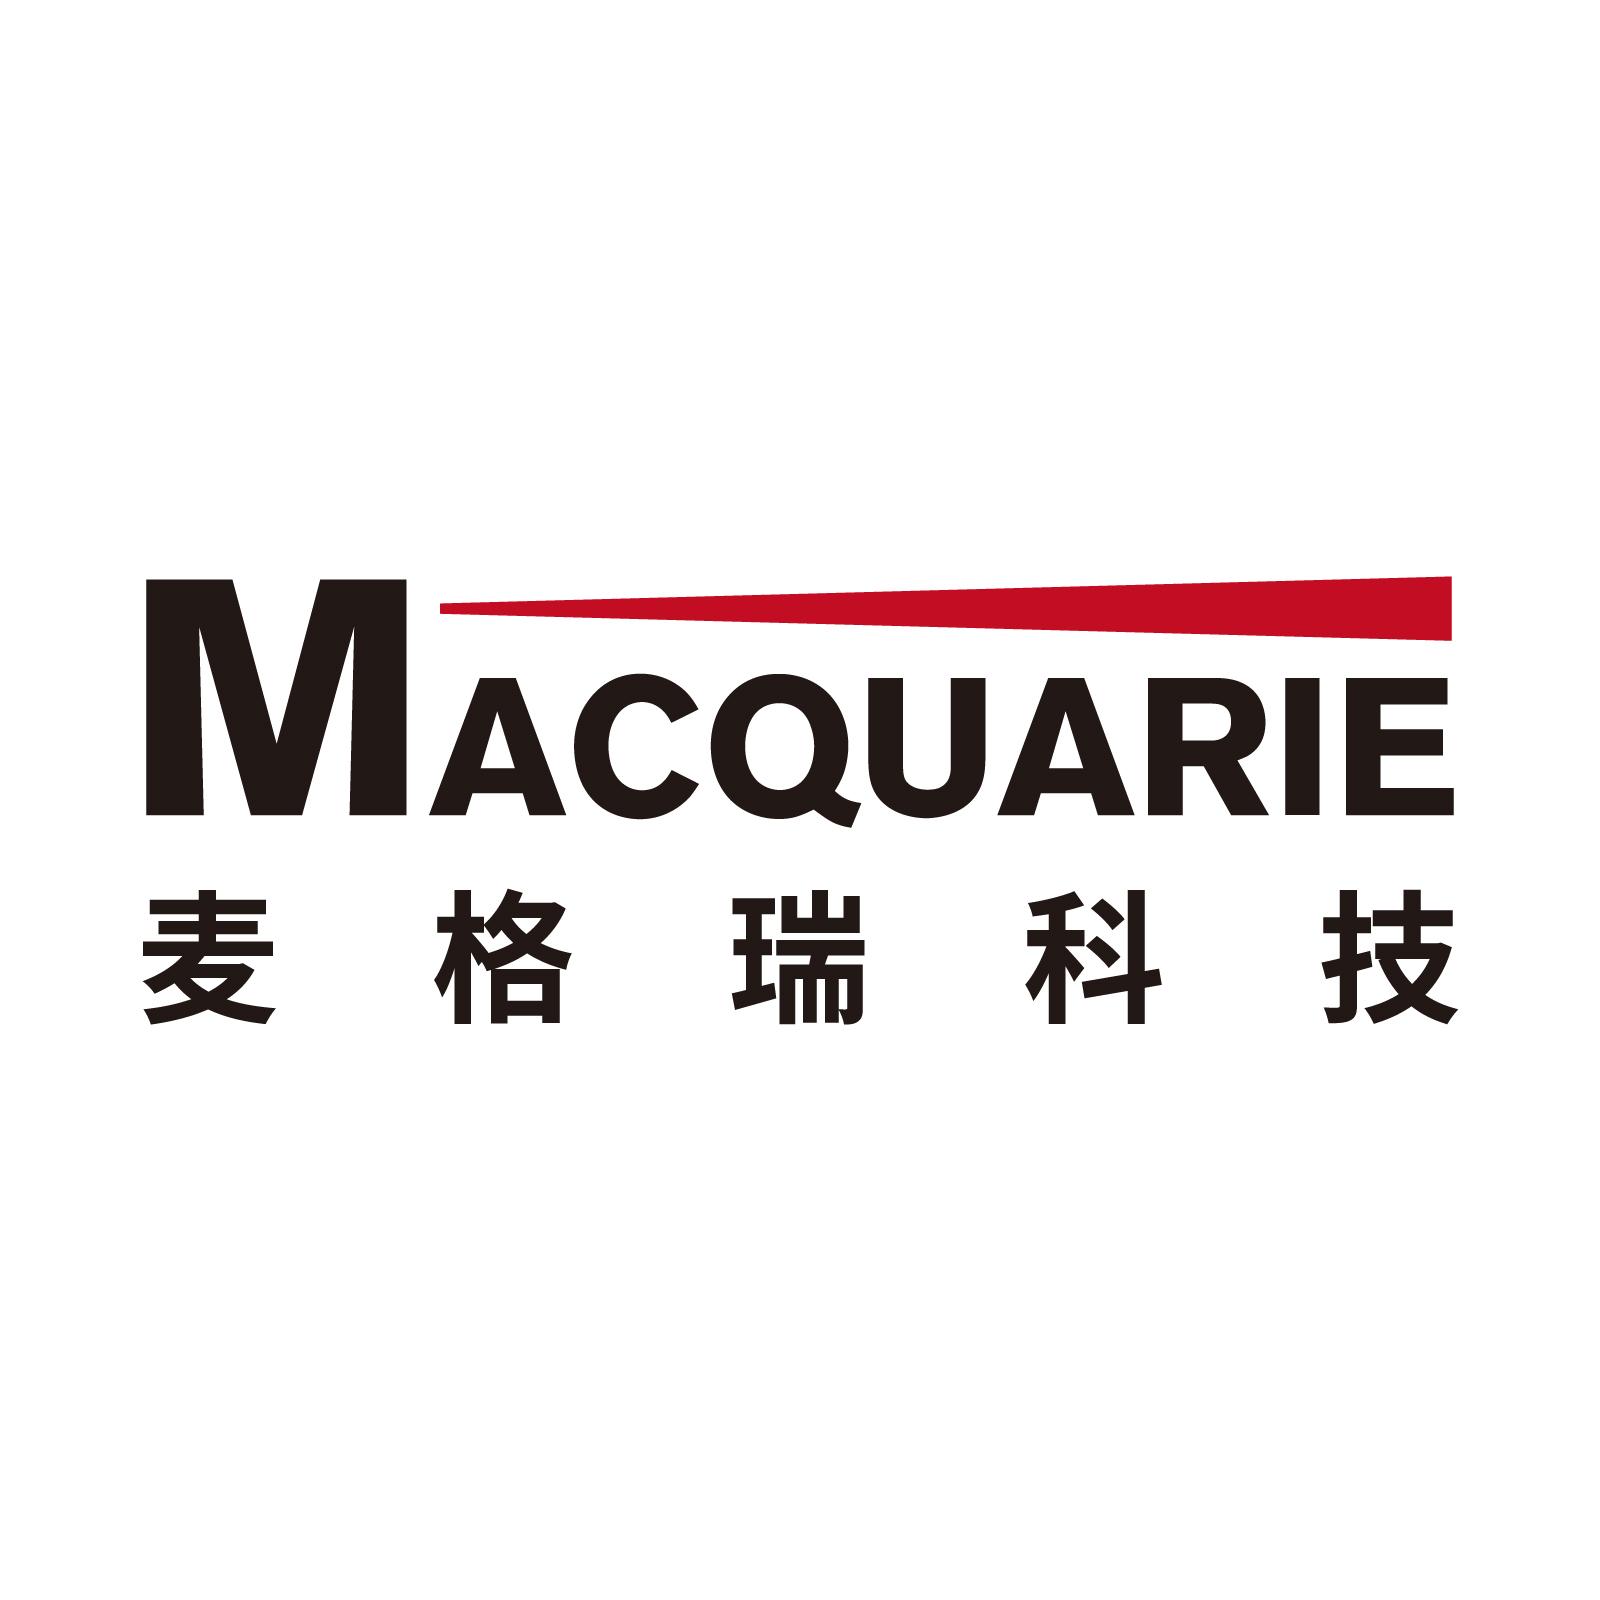 麦格瑞冶金工程技术(北京)有限公司